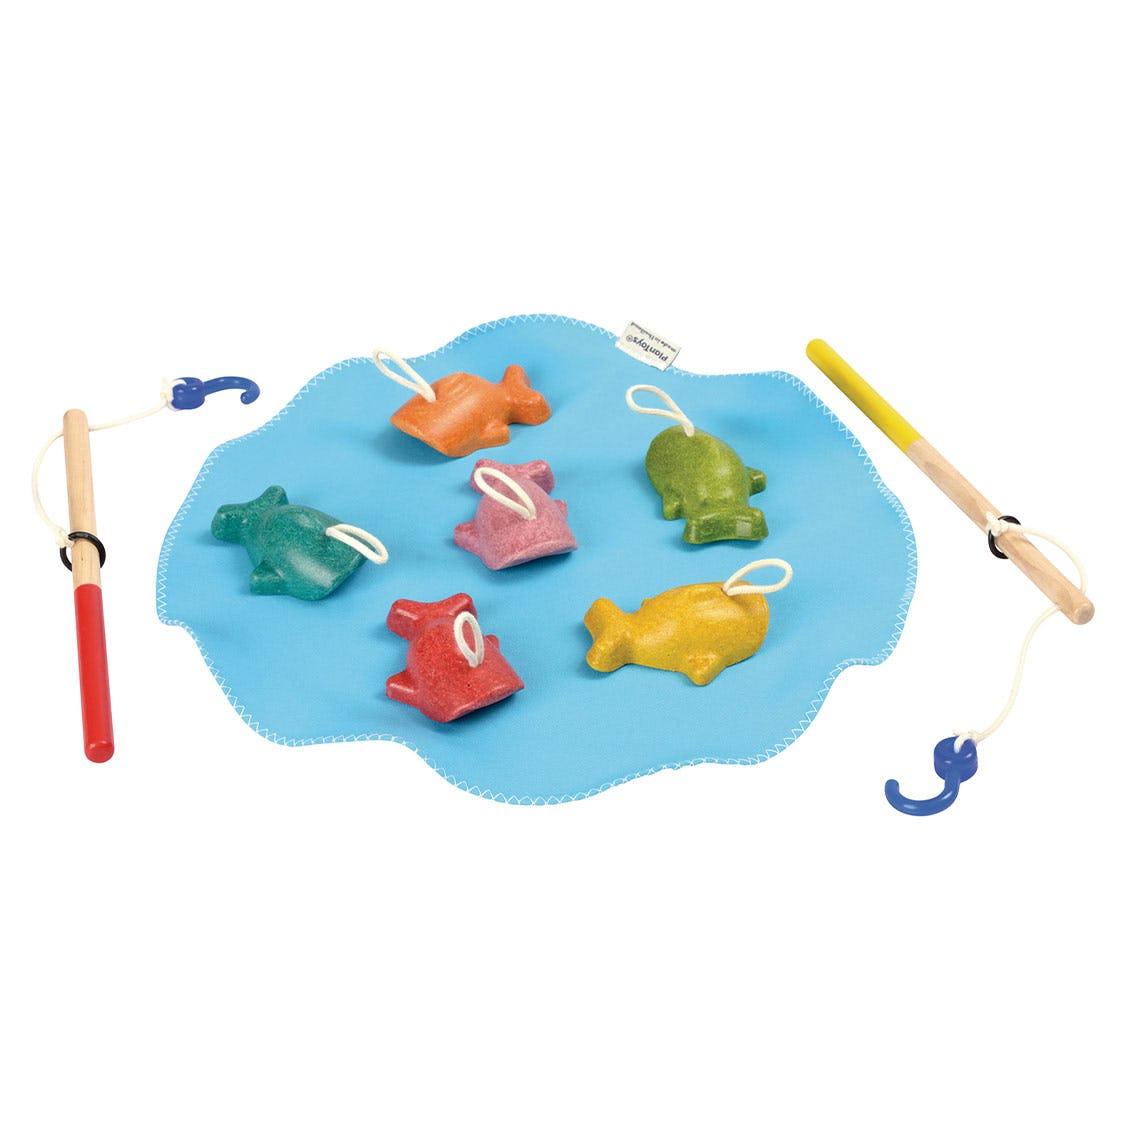 さかなつり 木のおもちゃ・知育玩具